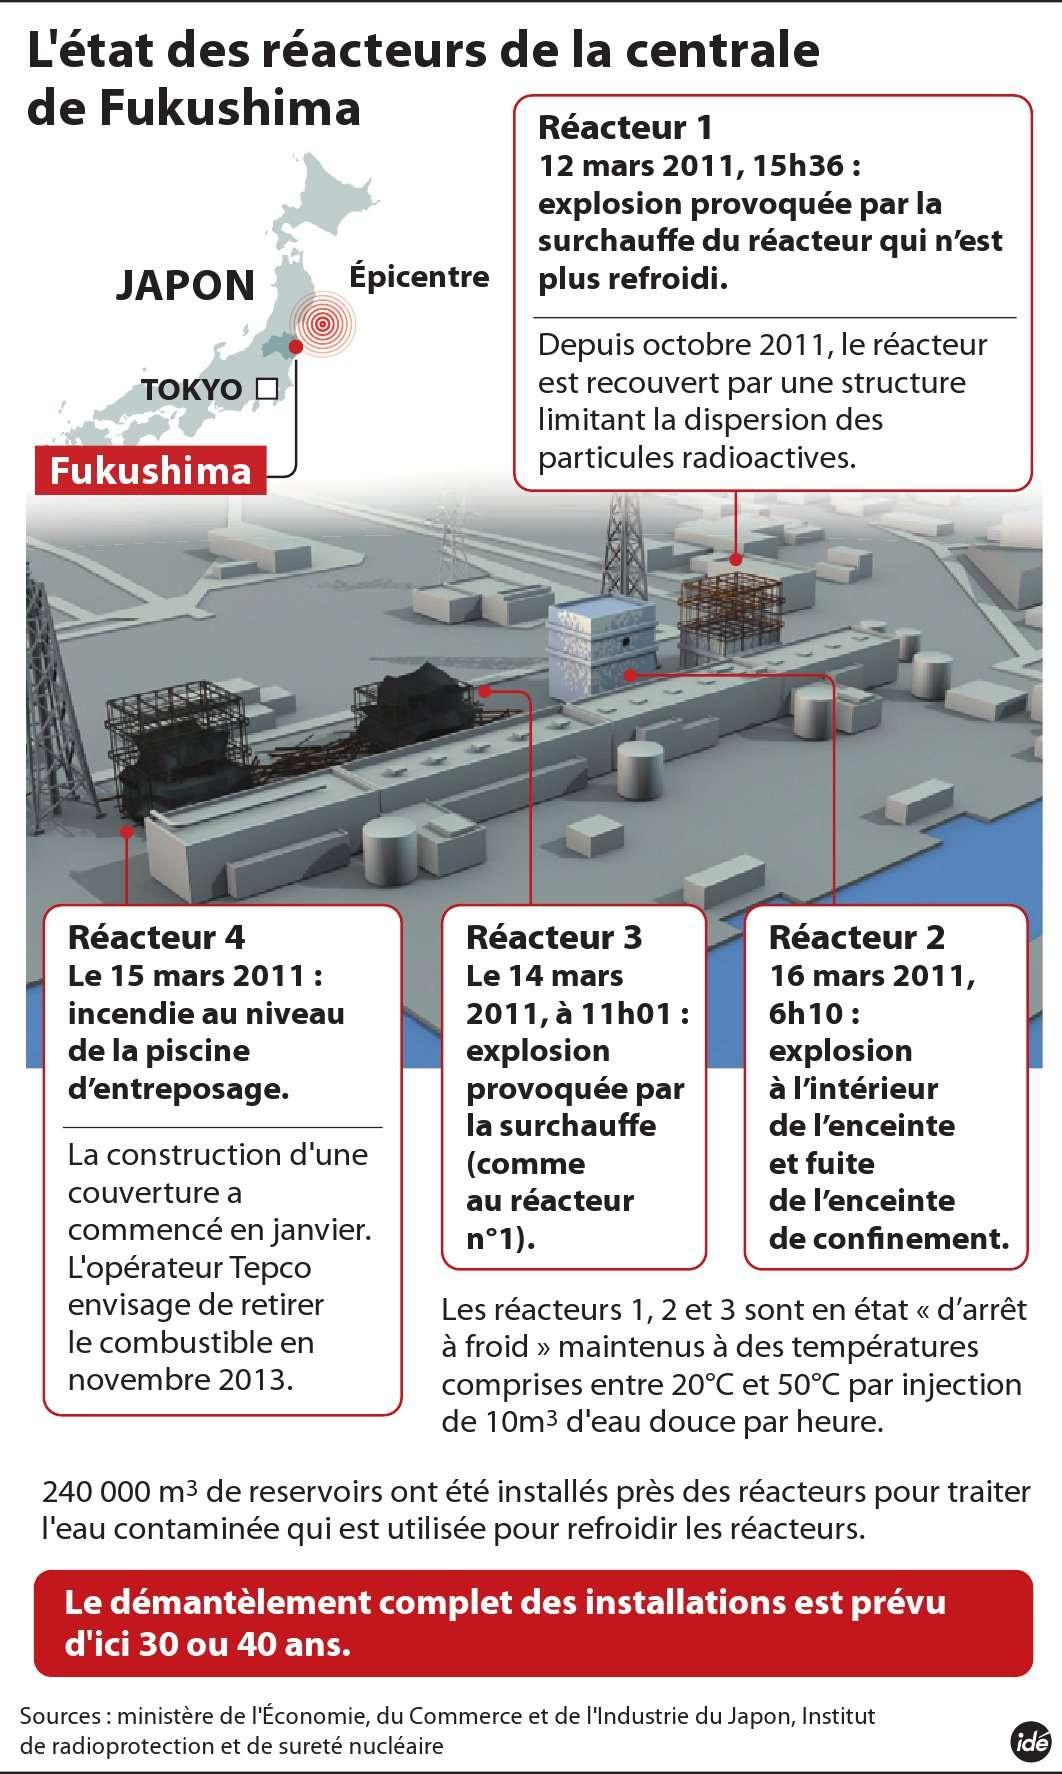 Deux ans après le tsunami et la catastrophe nucléaire de Fukushima, quelle est la situation des différents réacteurs de la centrale ? La réponse est donnée en image. © Idé